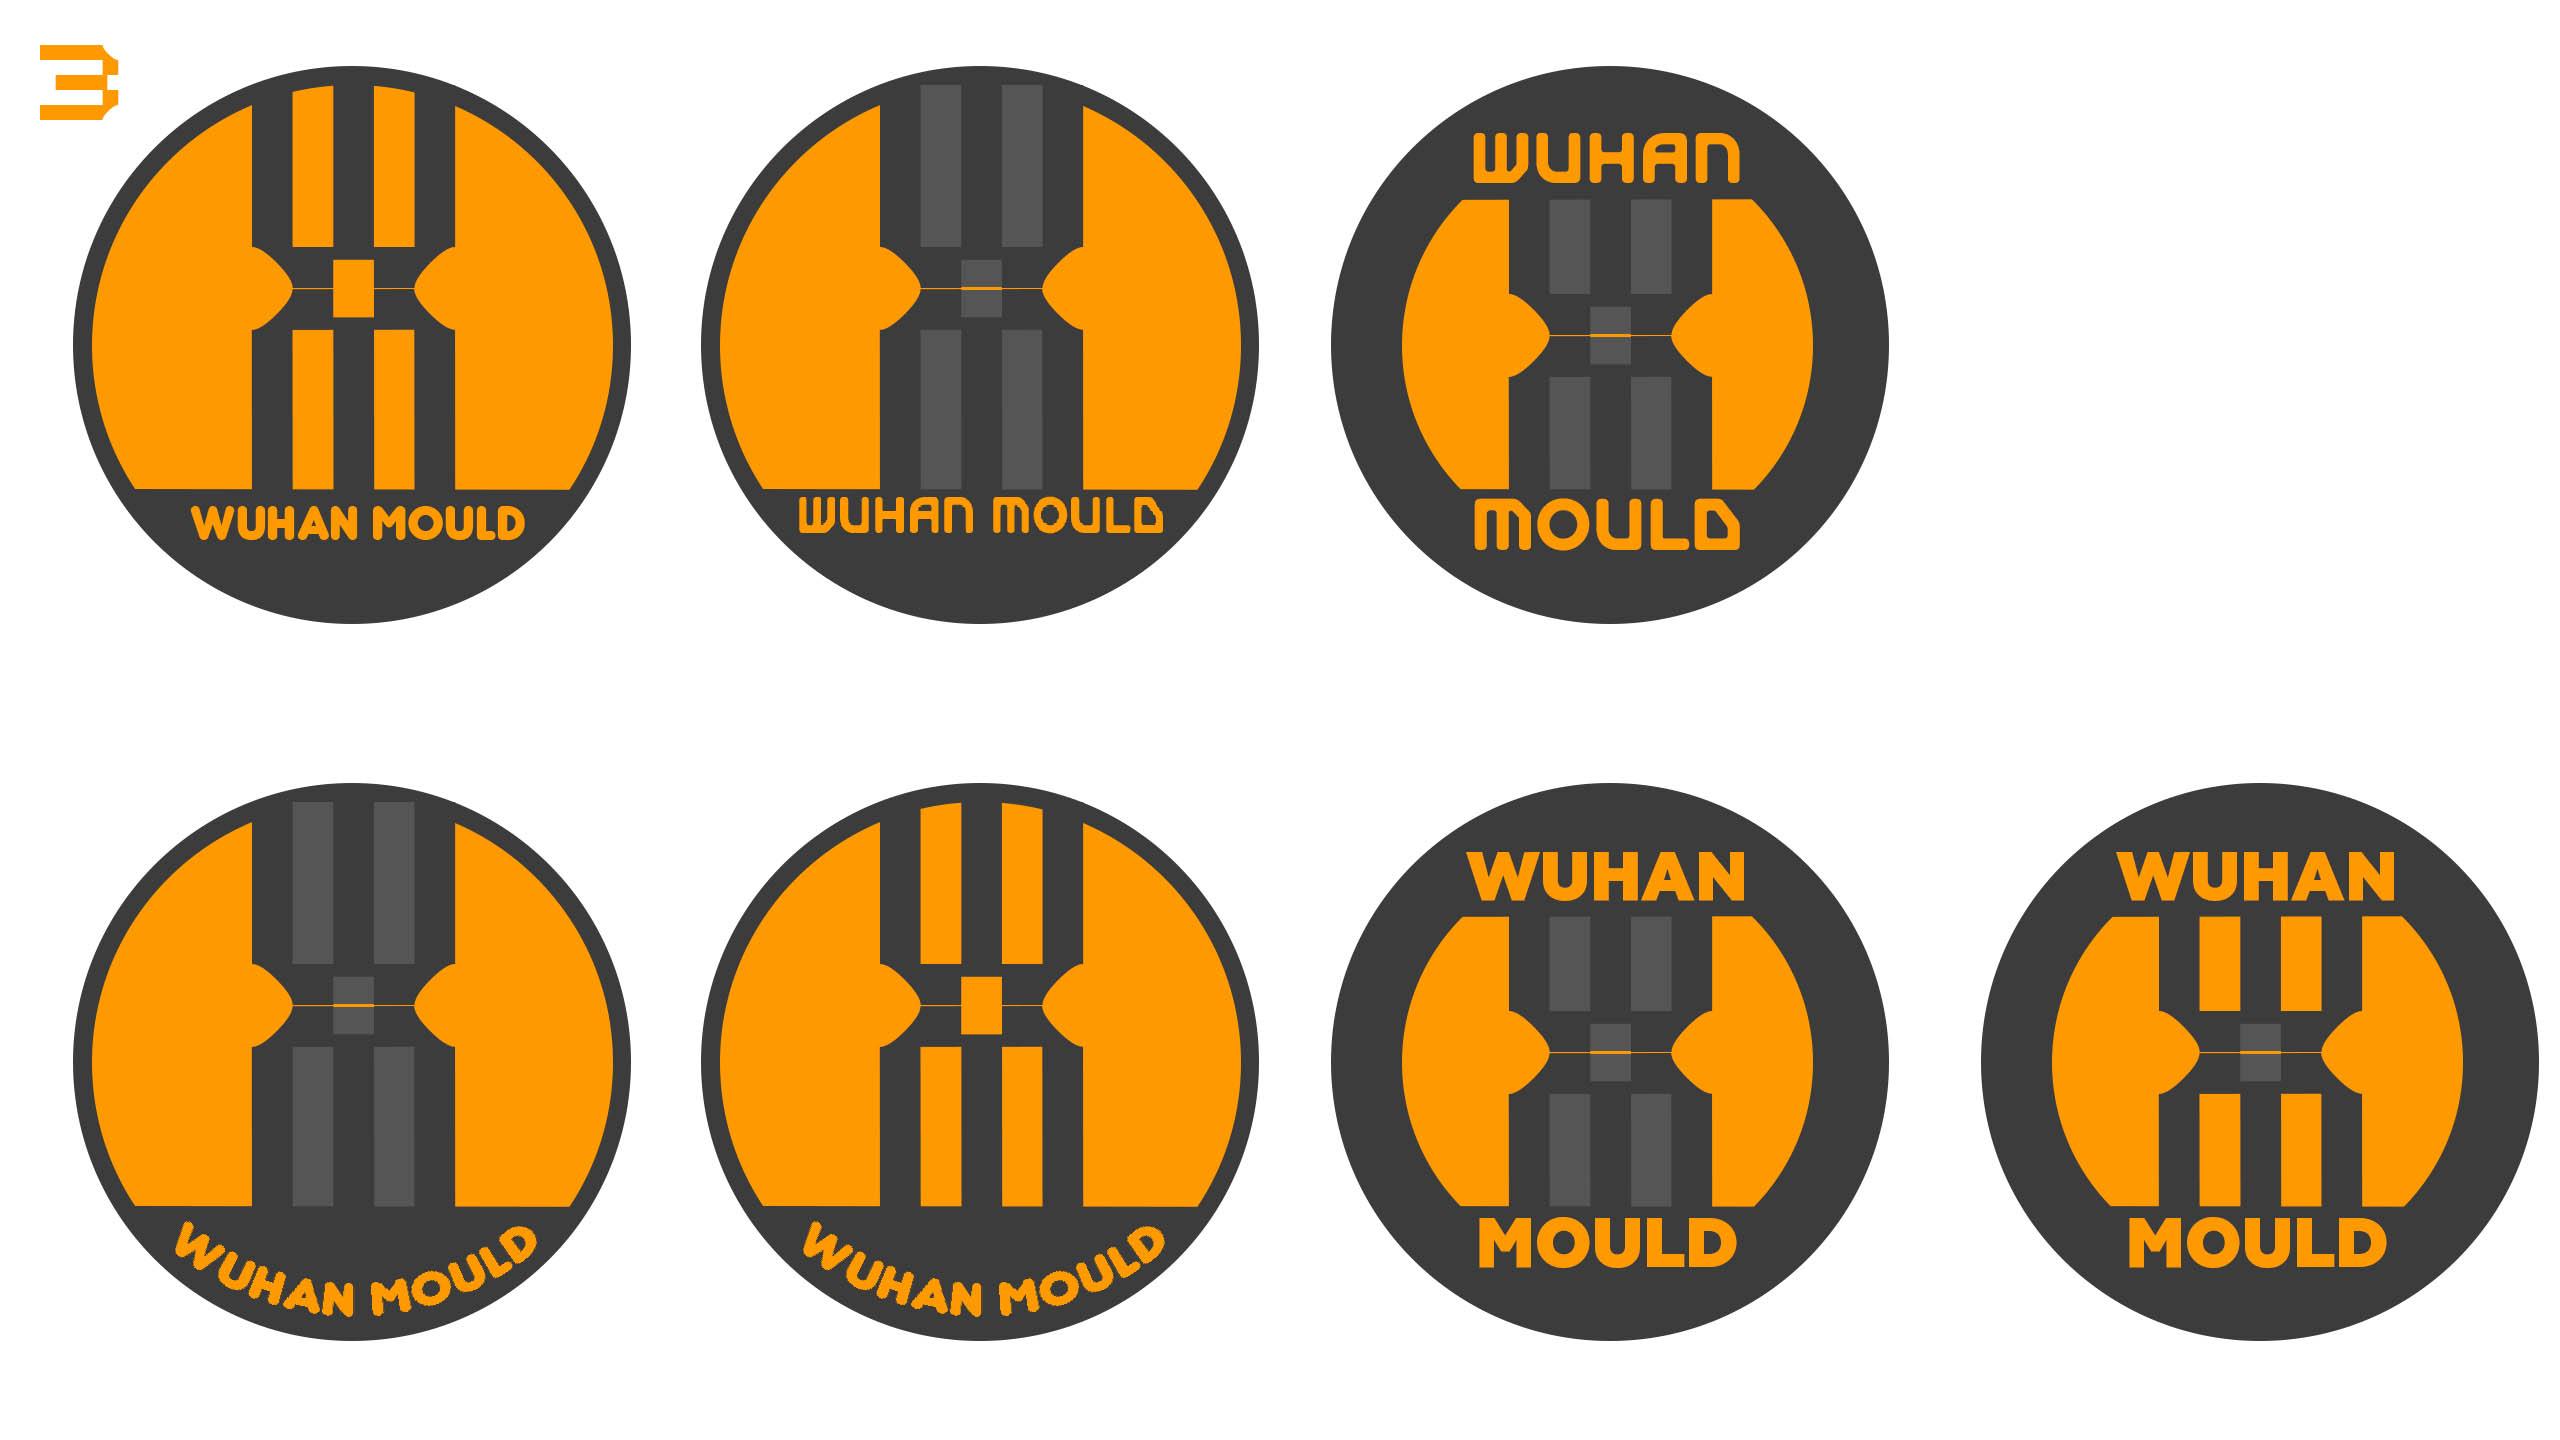 Создать логотип для фабрики пресс-форм фото f_61359906f1cbca1d.jpg